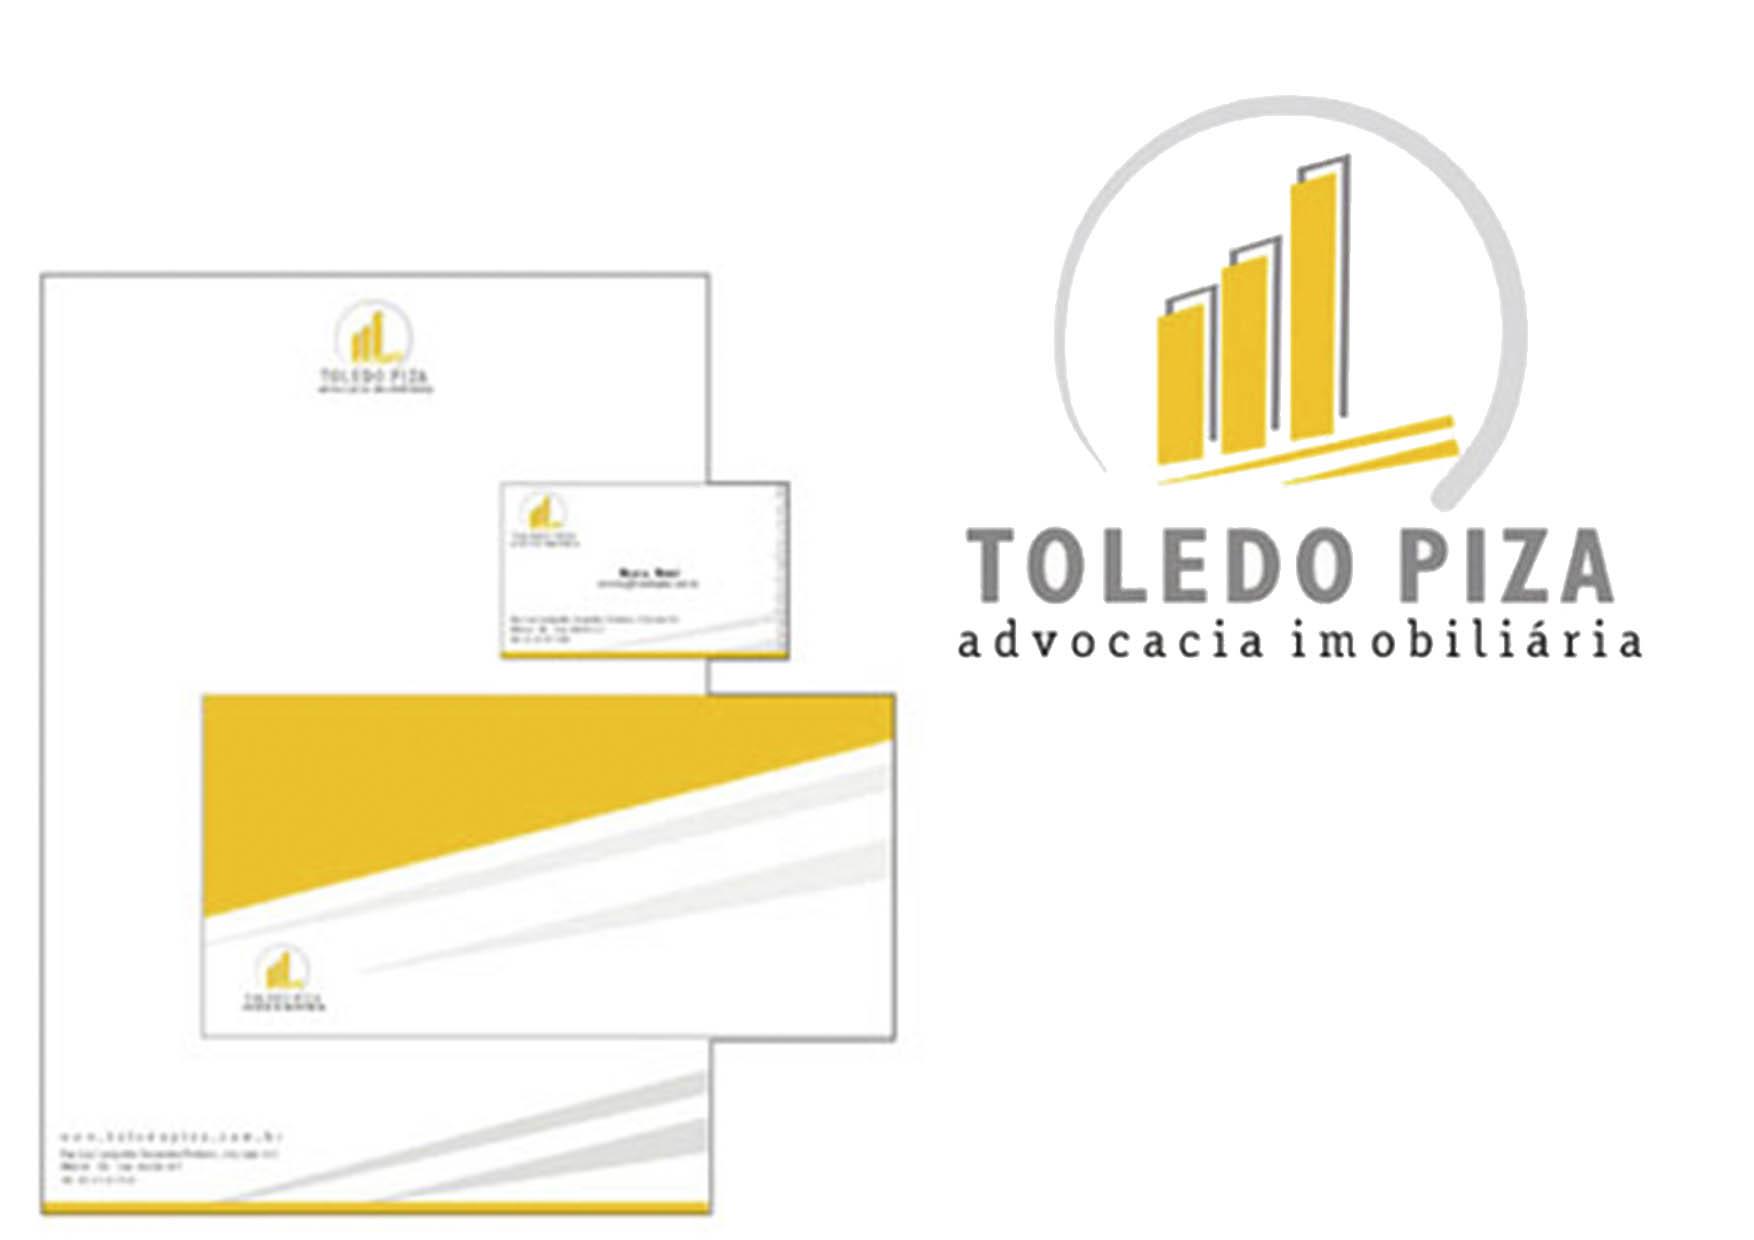 Toledo Piza - Advocacia Imobiliária